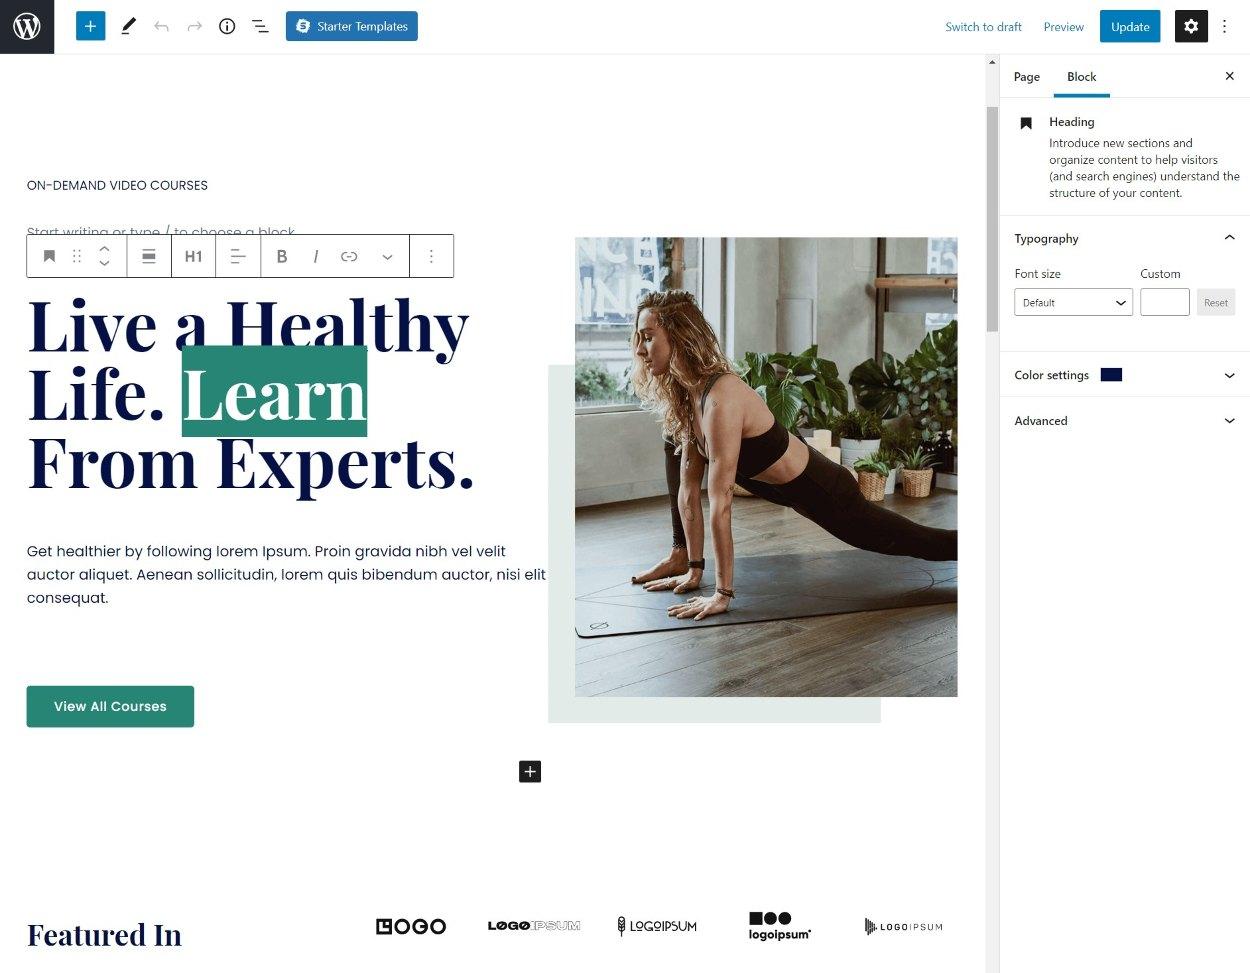 Revisión del tema Astra: ¿es el mejor tema de WordPress de 2021? - 1630926989 796 Revision del tema Astra ¿es el mejor tema de WordPress